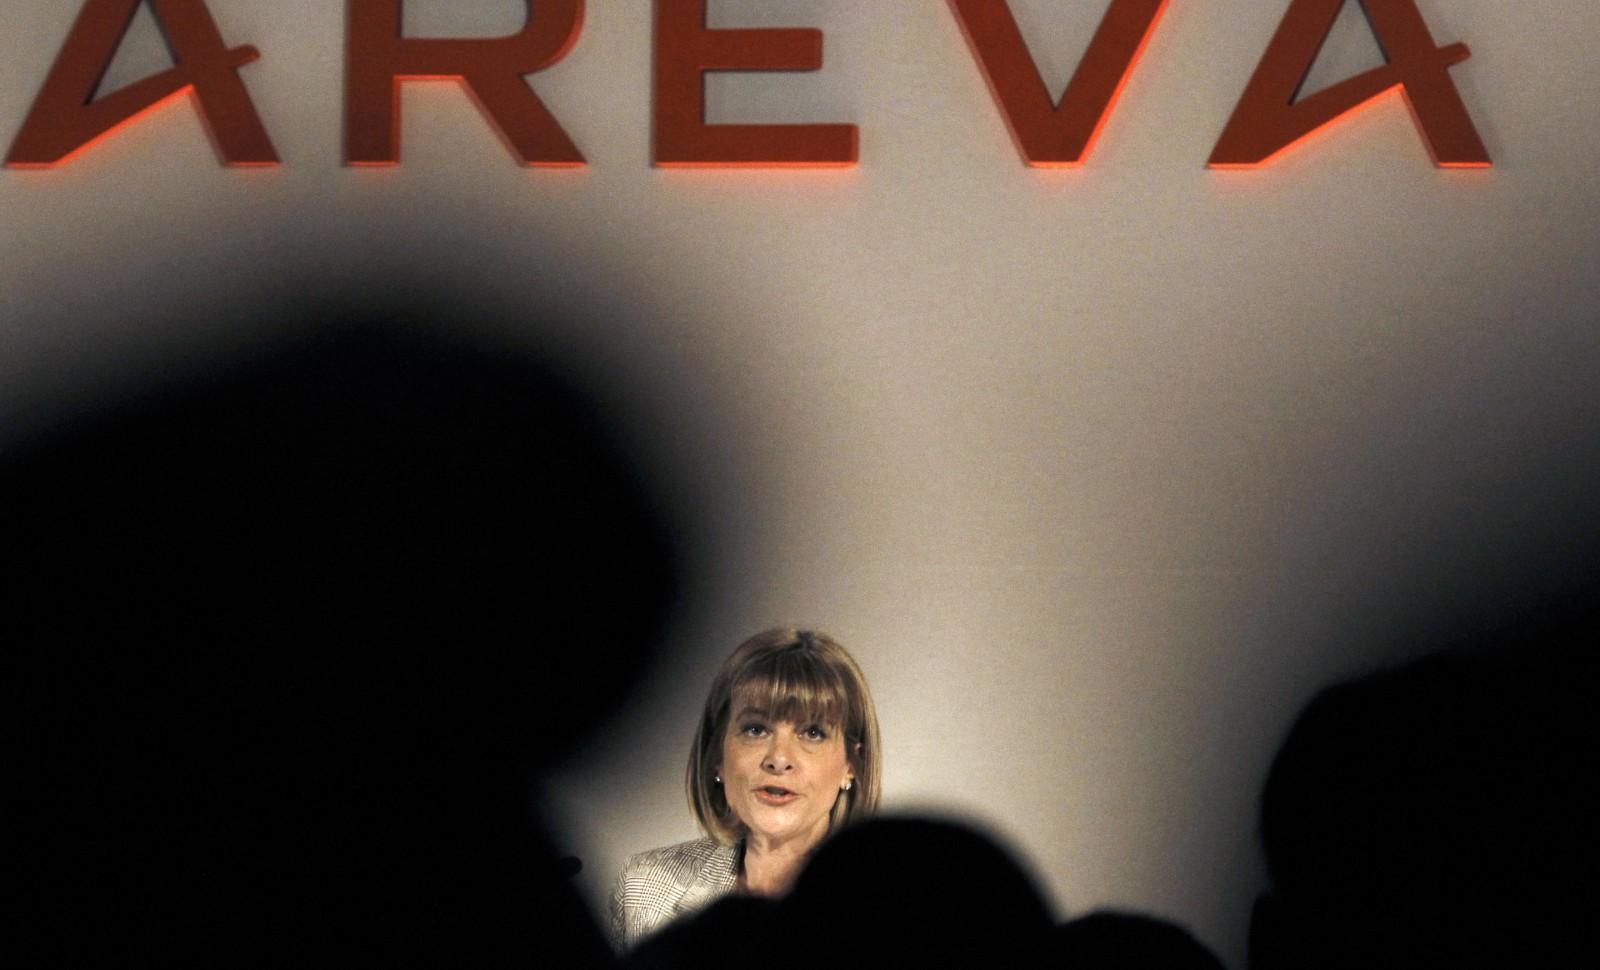 Anne Lauvergeon, ex-présidente d'Areva, mars 2010 © JOEL SAGET/AFP